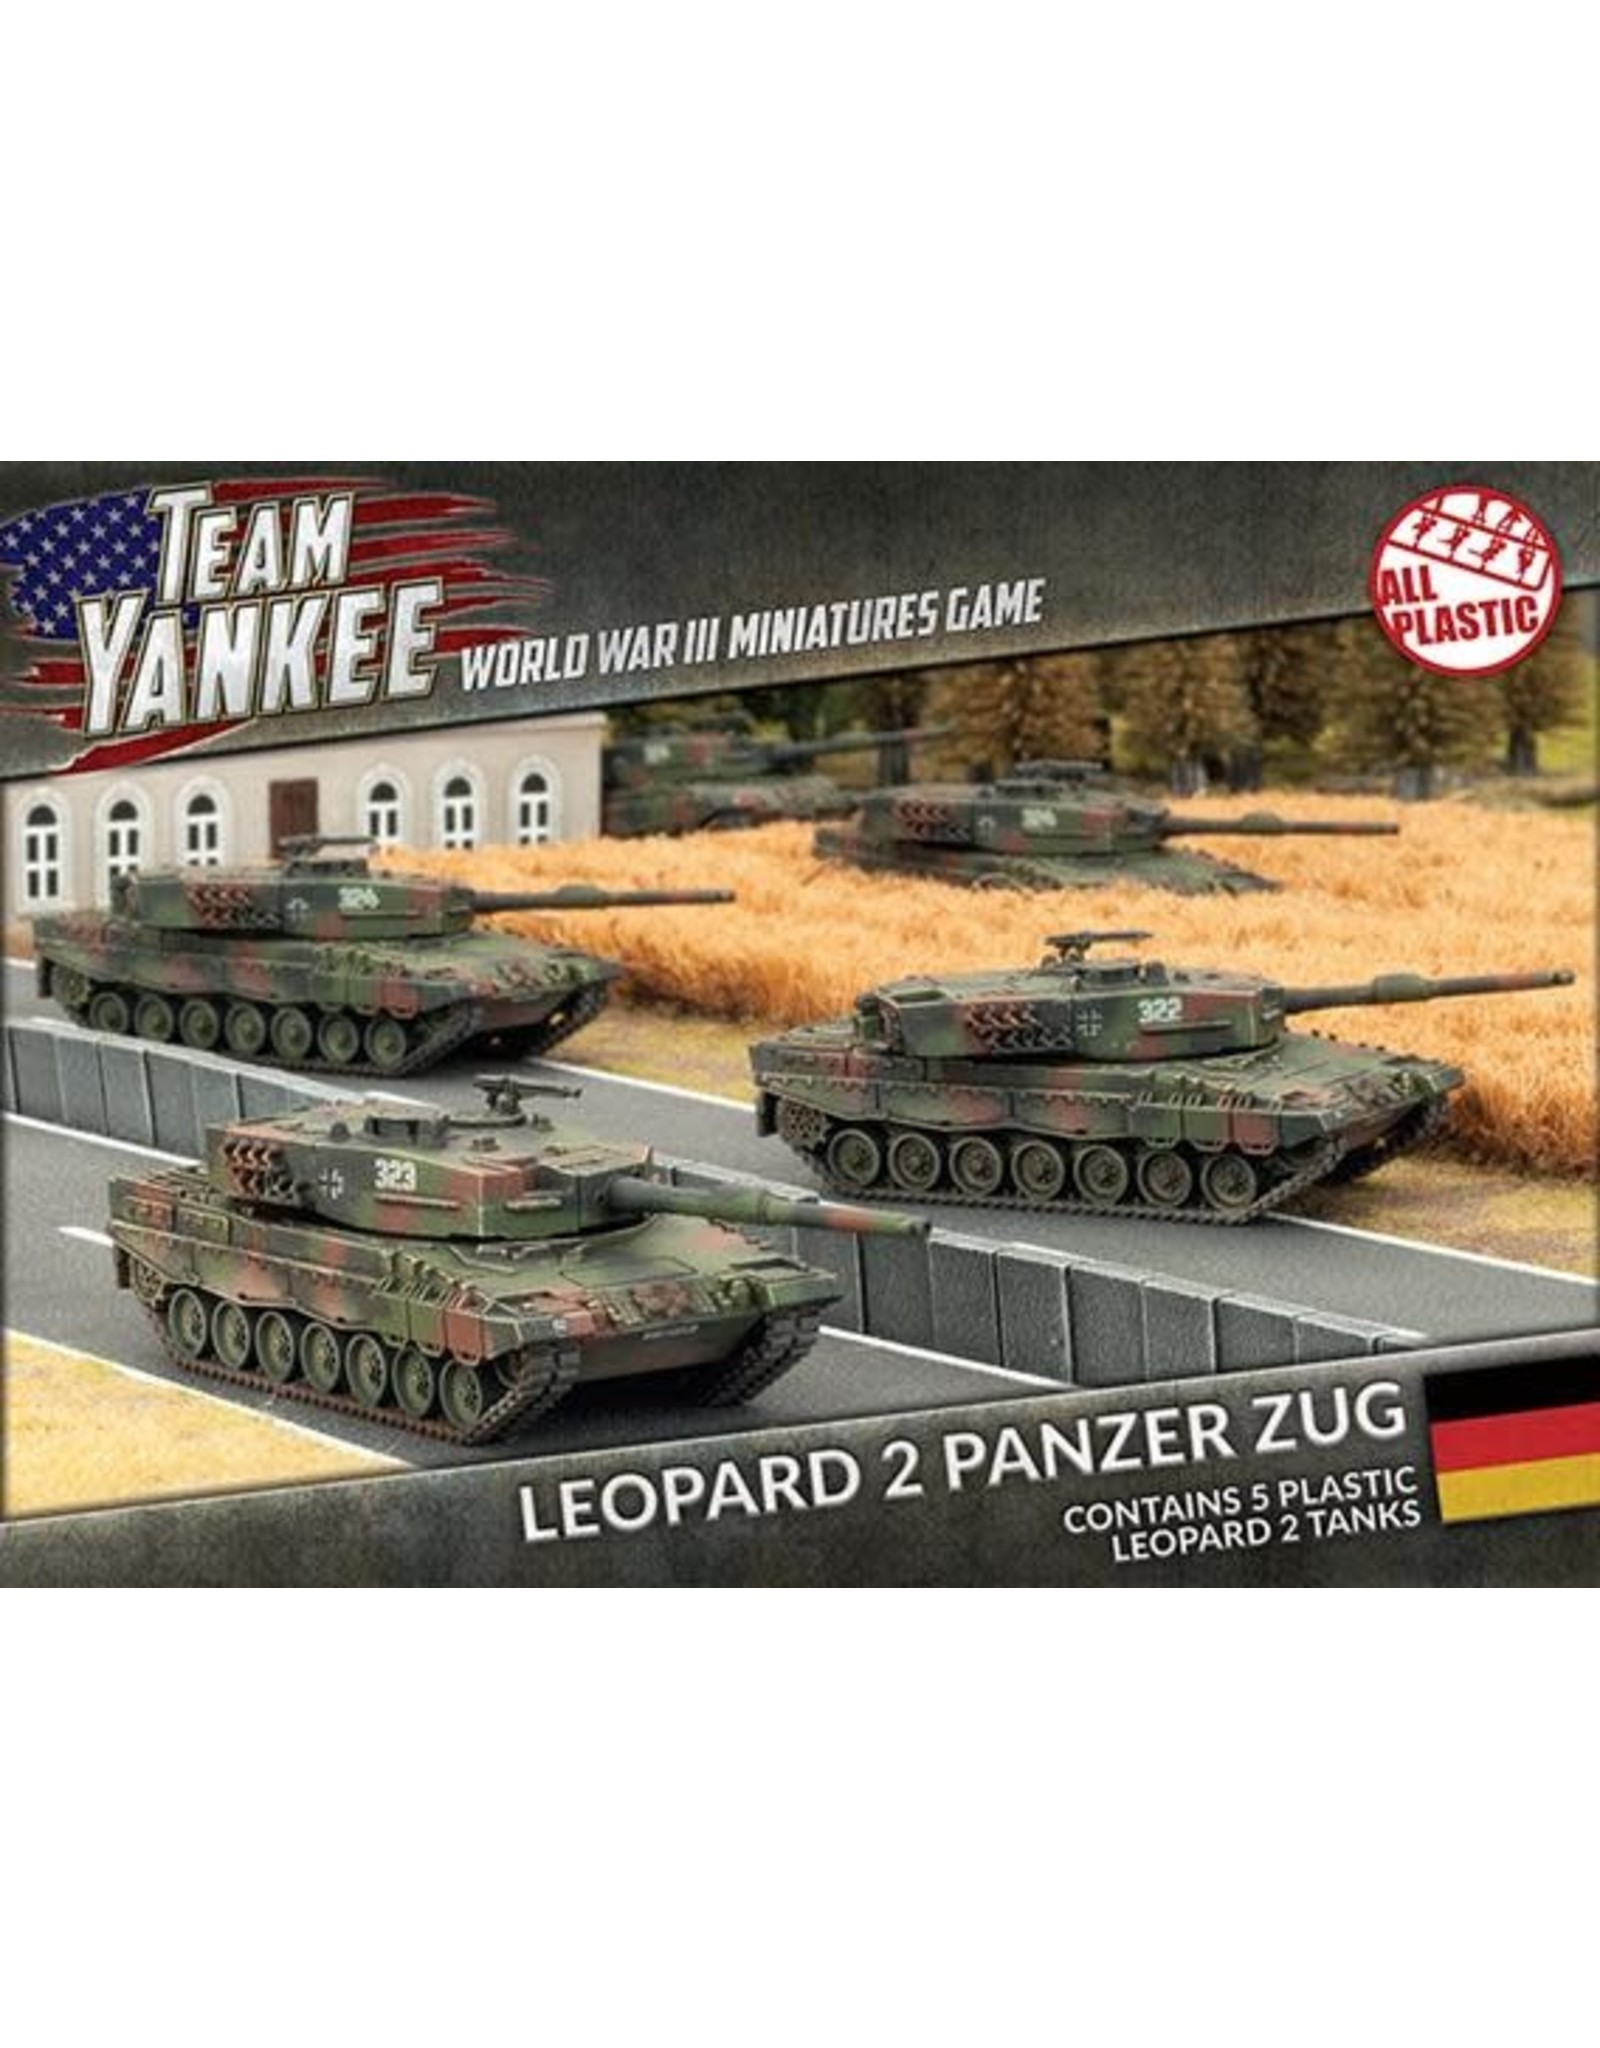 Team Yankee Team Yankee: Leopard 2 Panzer Zug